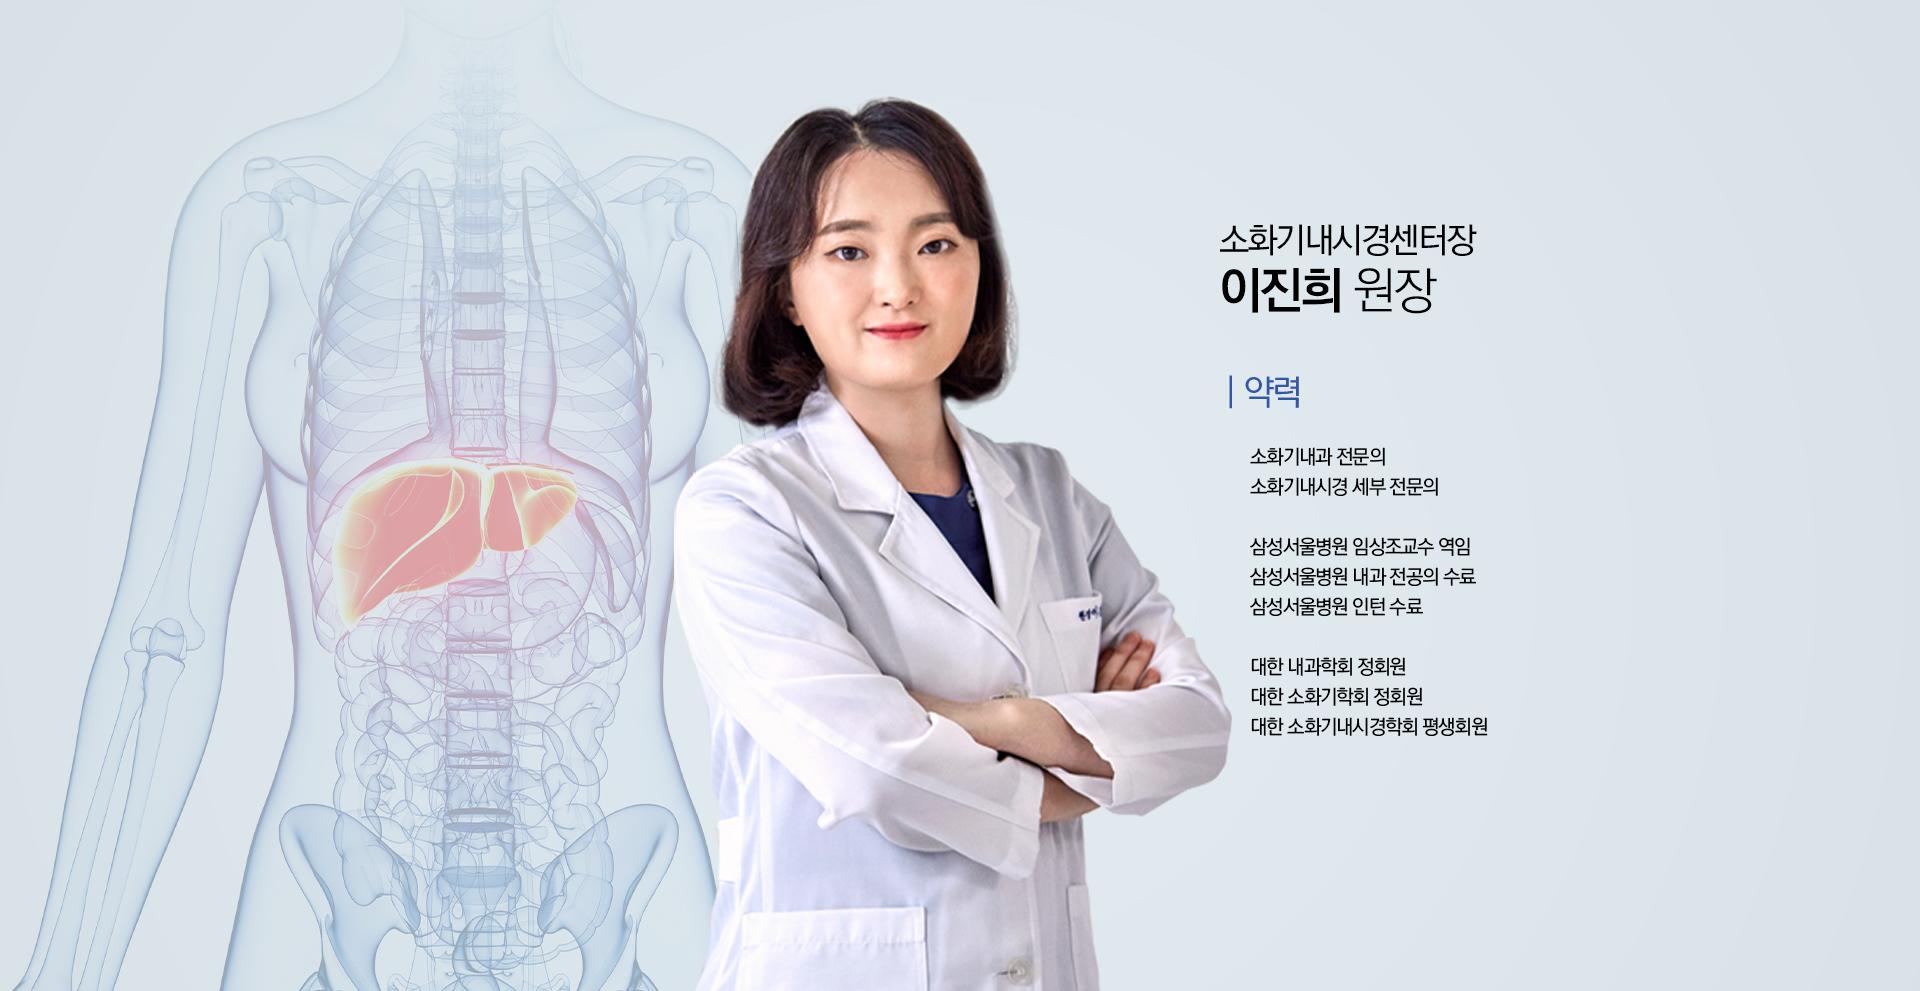 소화기내과 전문의 의료진소개